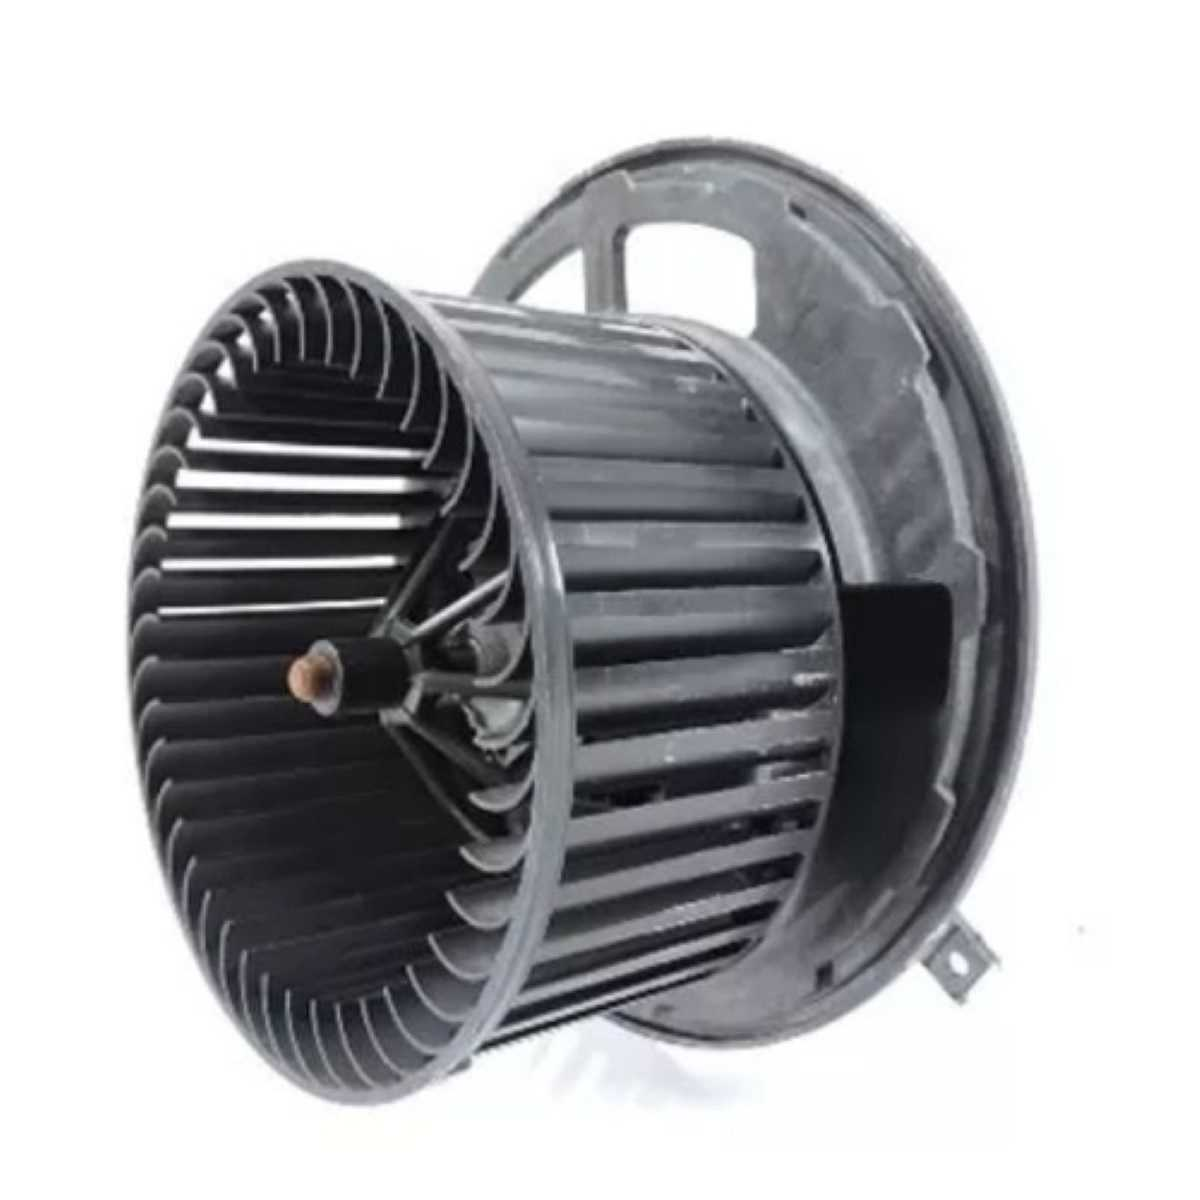 Motor Caixa Evaporadora Bmw 116/118/120/130/316/320/325/328/330/X1 931991901